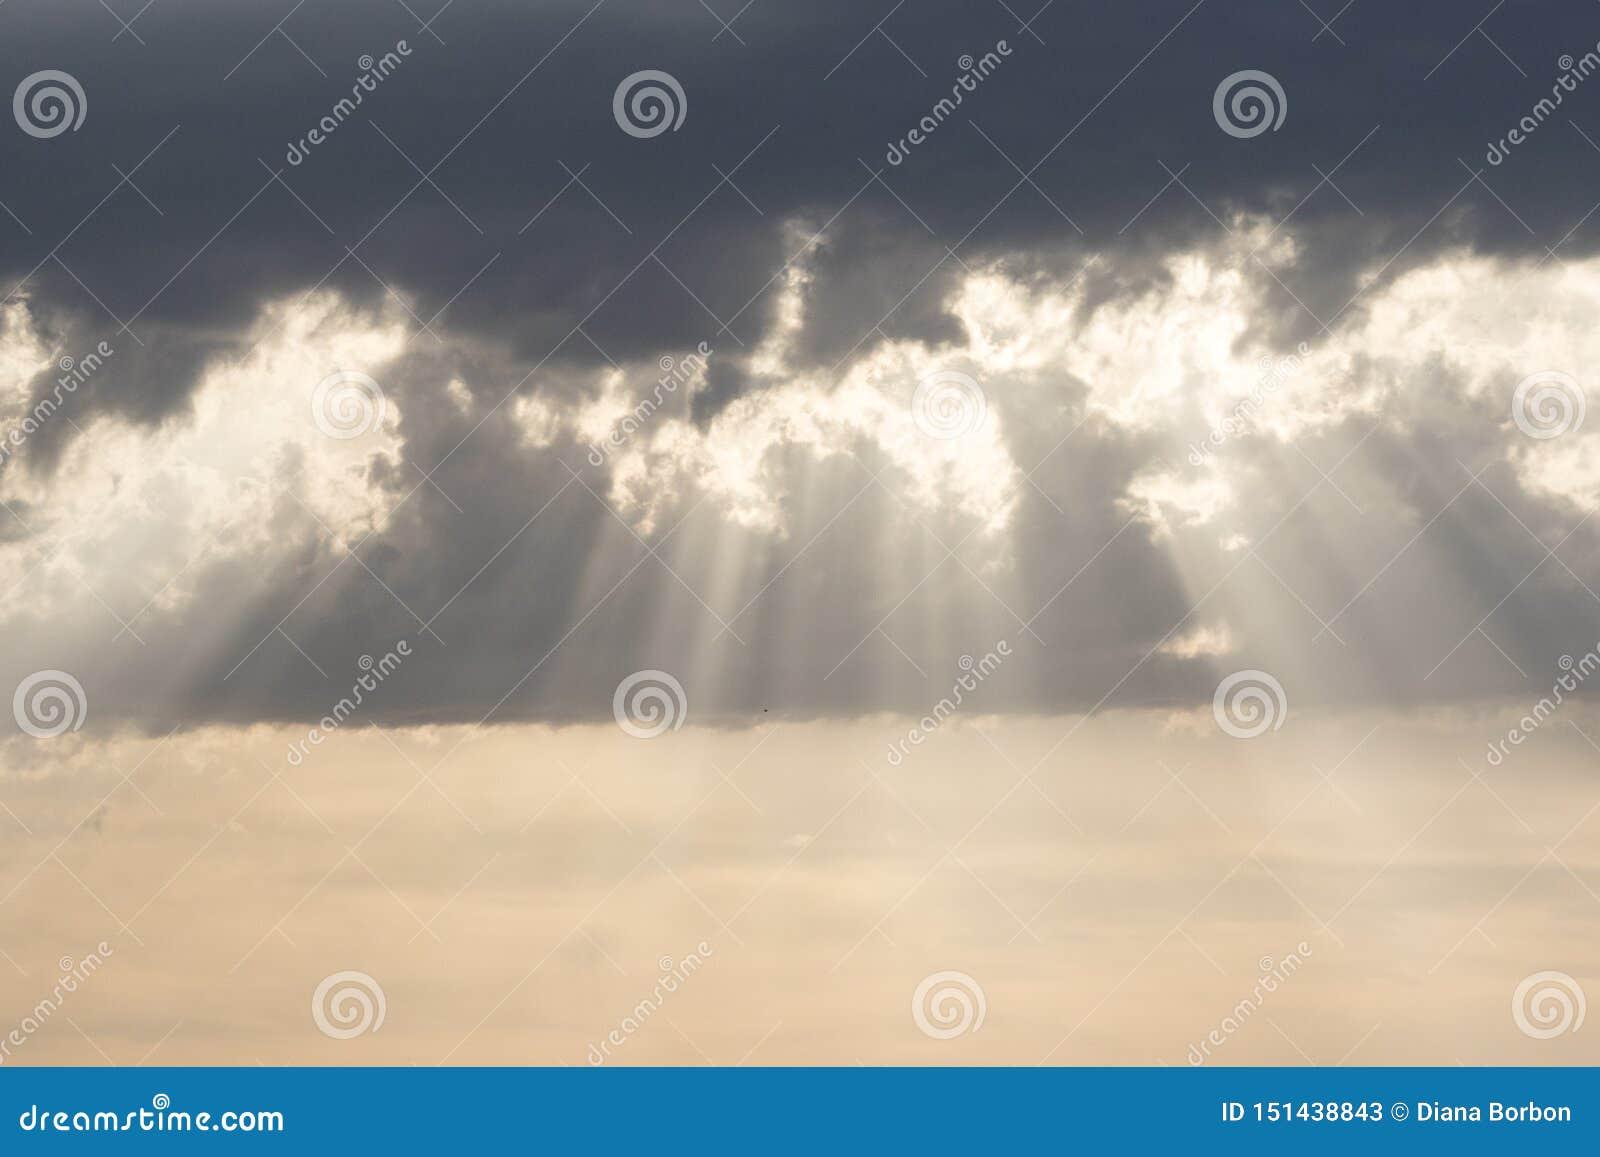 Ακτίνες ήλιων στο ηλιοβασίλεμα, νεφελώδης ουρανός